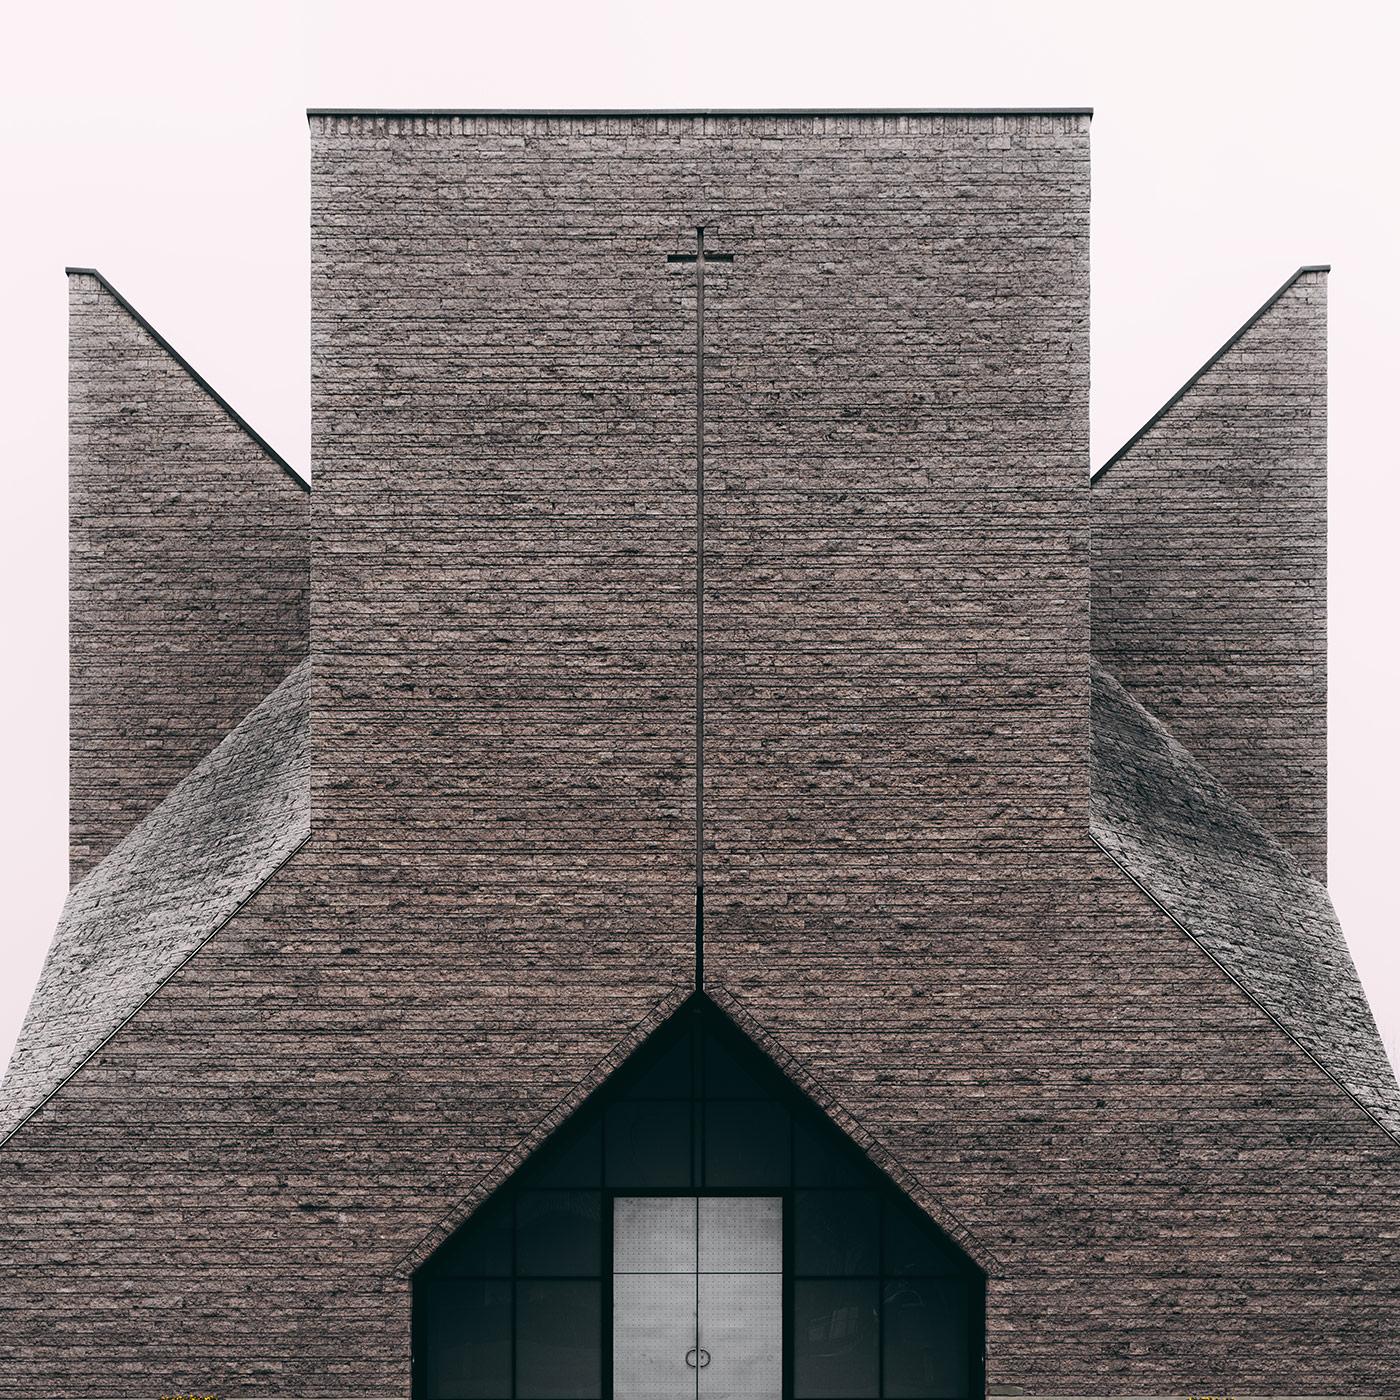 Centro pastorale Giovanni XIII <br />Location: Bergamo, Italy <br />Architect: Botta Mario